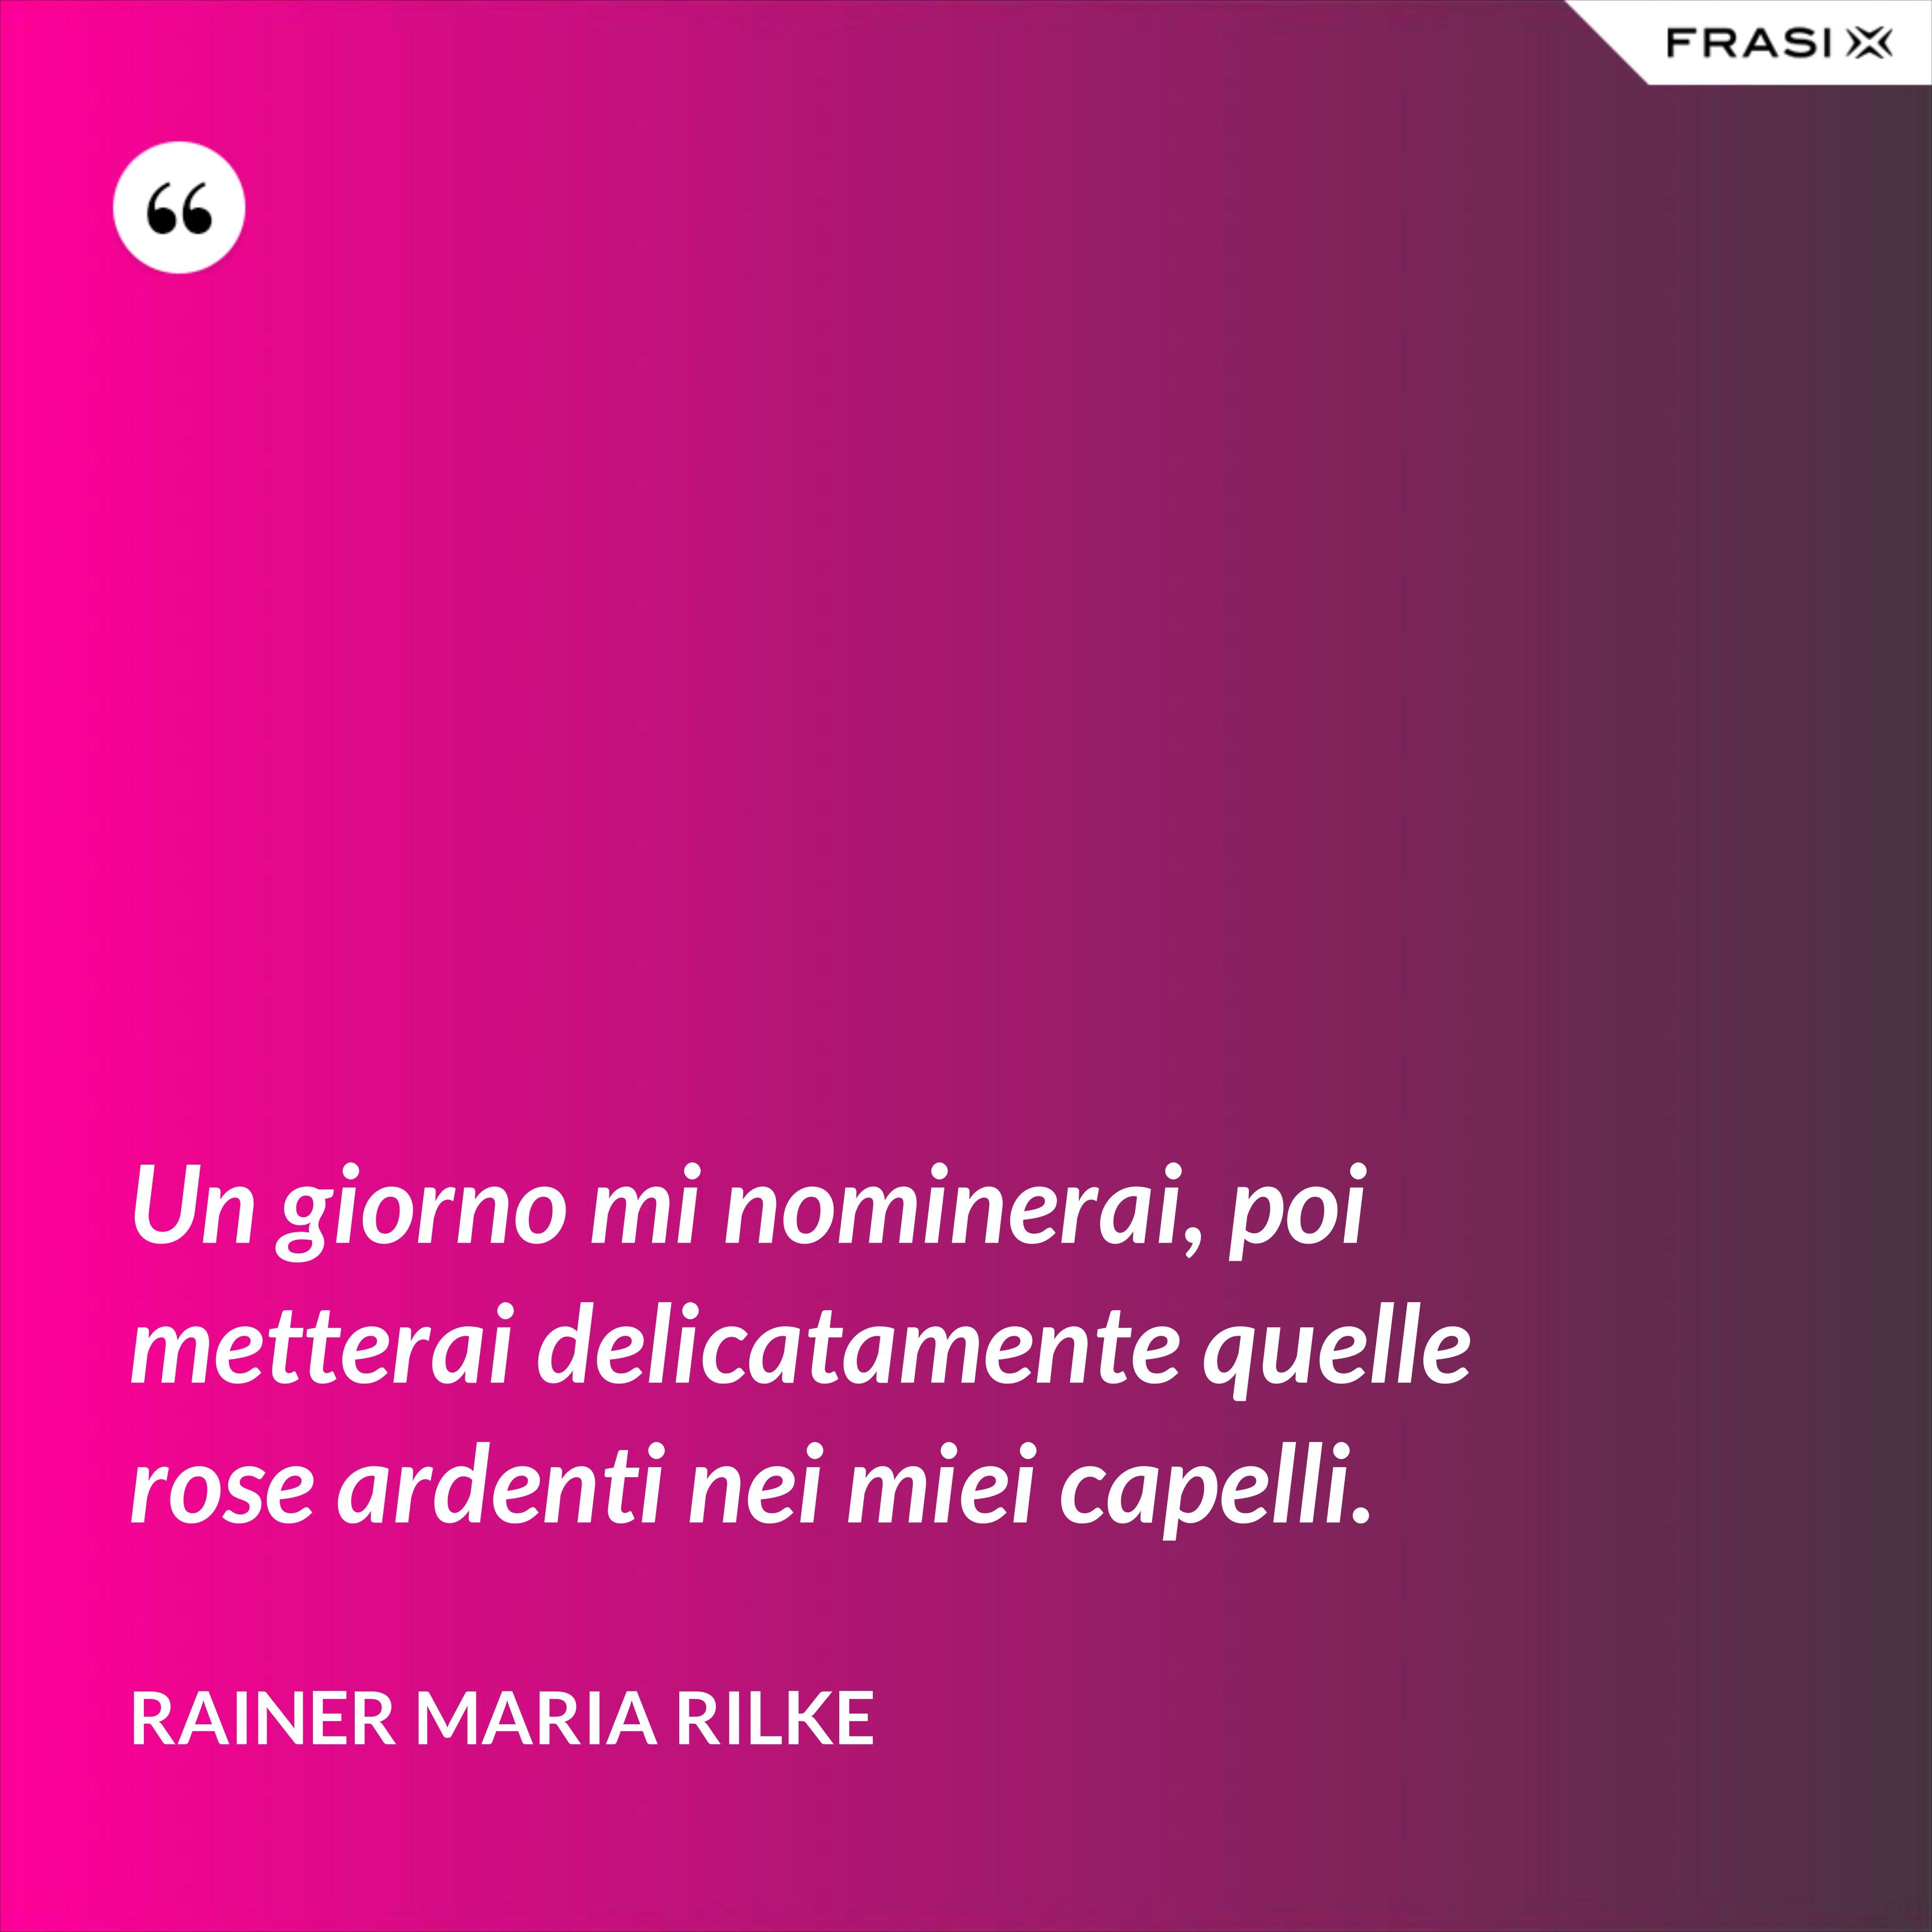 Un giorno mi nominerai, poi metterai delicatamente quelle rose ardenti nei miei capelli. - Rainer Maria Rilke